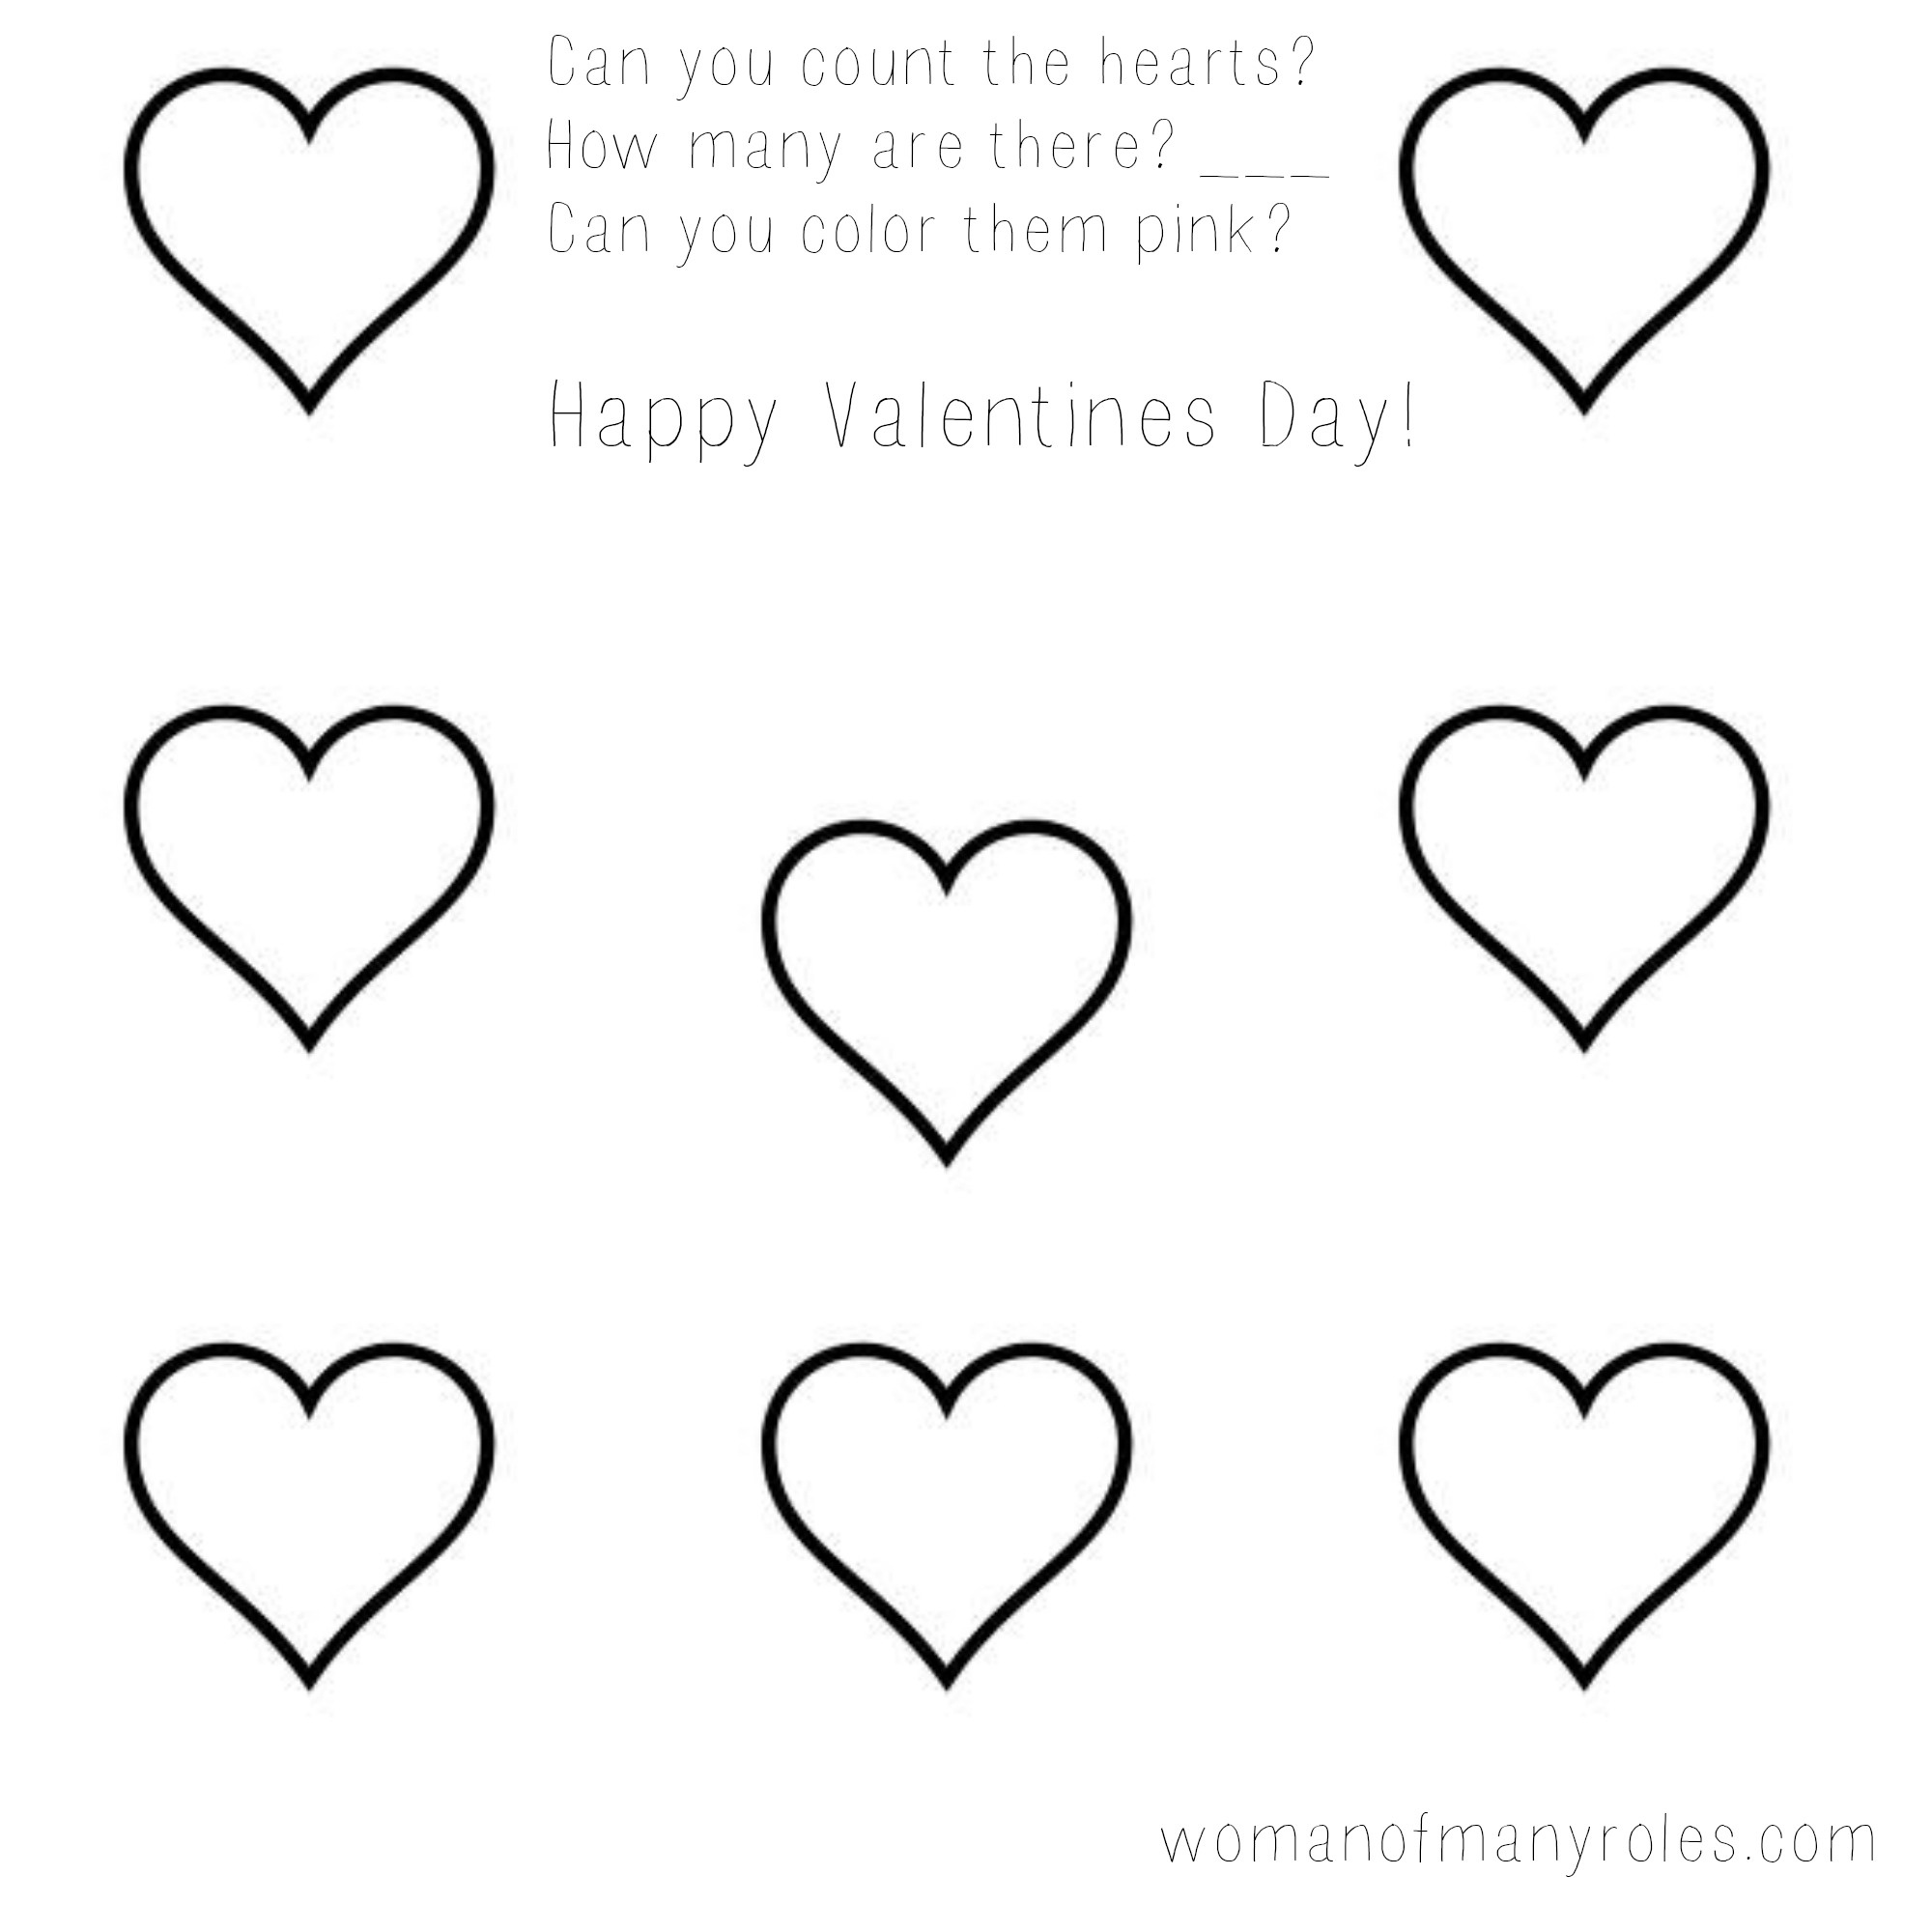 Heart Counting Printable Preschool Worksheet : Woman Of Many Roles - Free Printable Preschool Valentine Worksheets